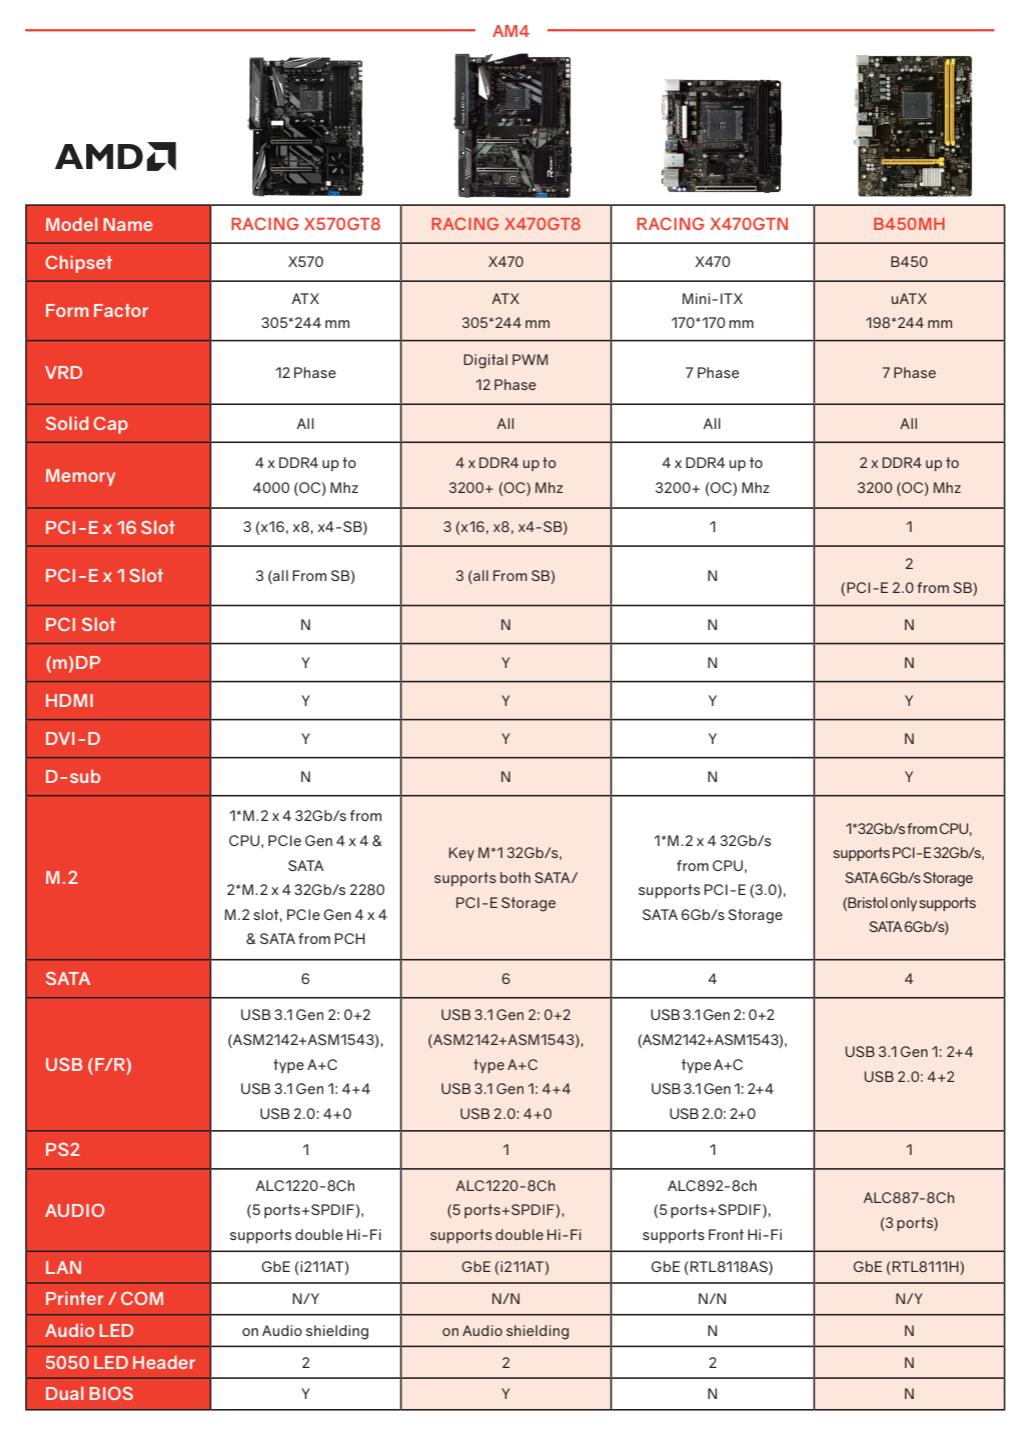 BIOSTAR X570 Racing GT8 Motherboard For AMD Ryzen 3000 Leaks Out